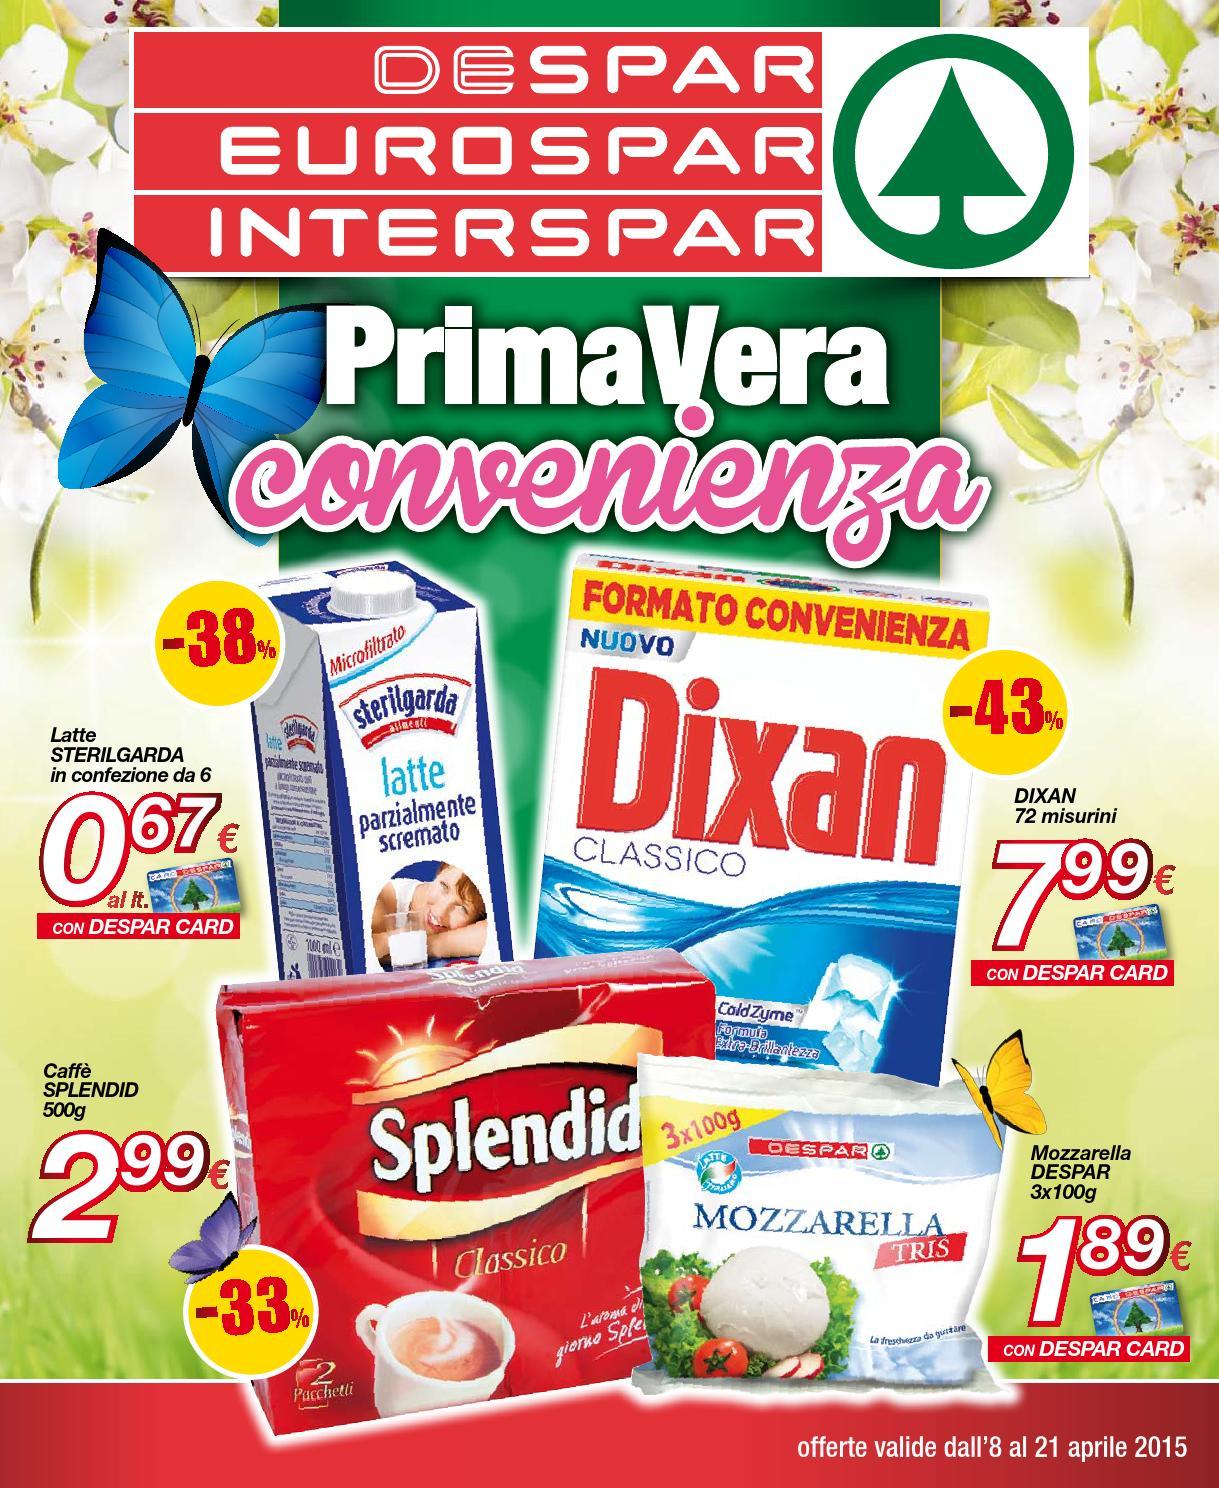 Despar eurospar interspar volantino offerte 07 2015 by for Volantino offerte despar messina